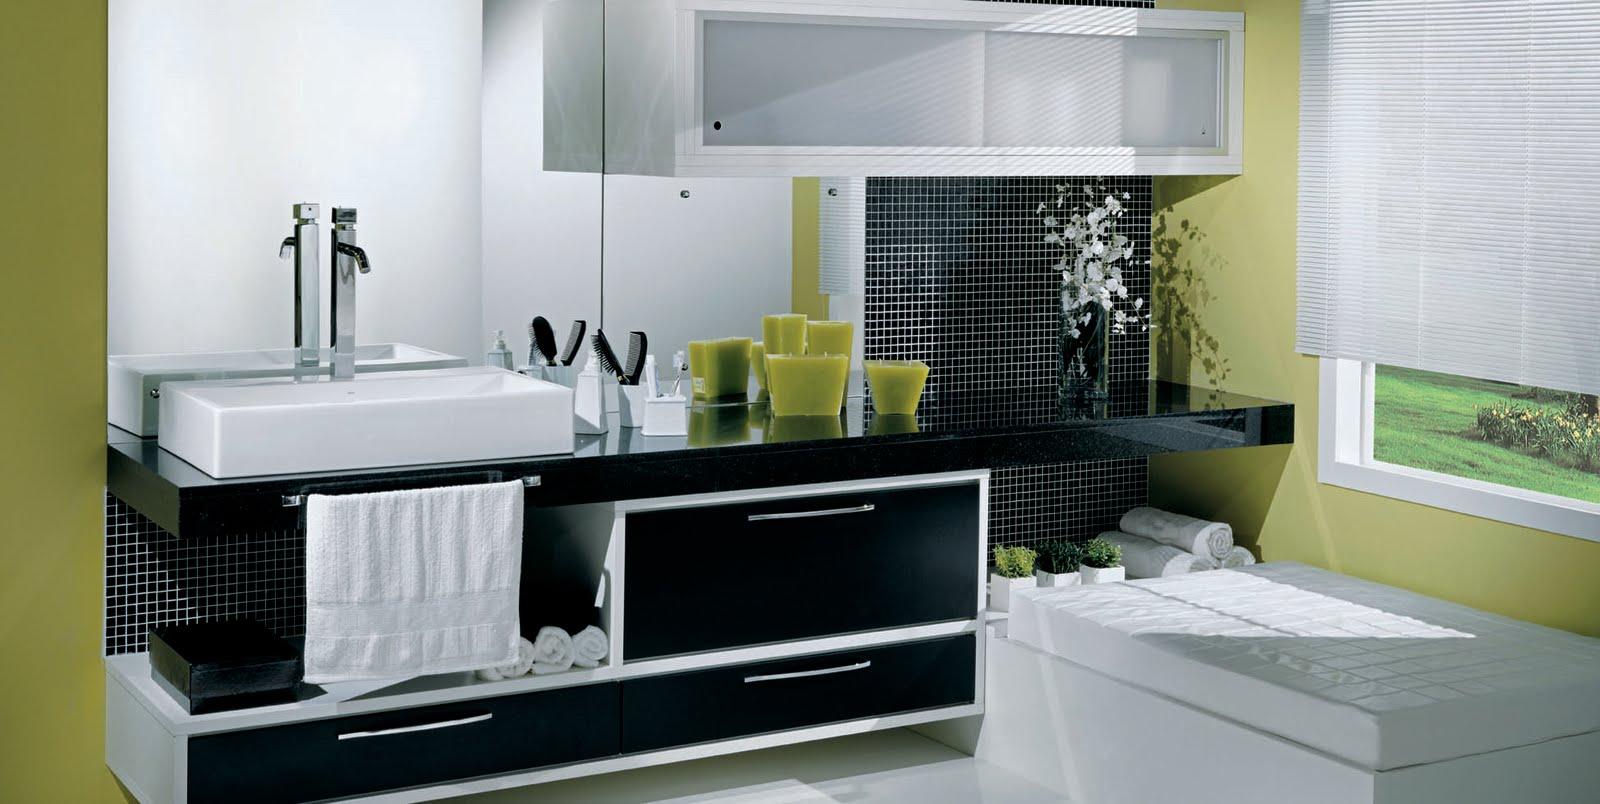 Imagens de #7D7D3C Banheiro Planejado Bonito Banheiro Planejado Grande 1600x804 px 3726 Banheiros Planejados Preto E Branco